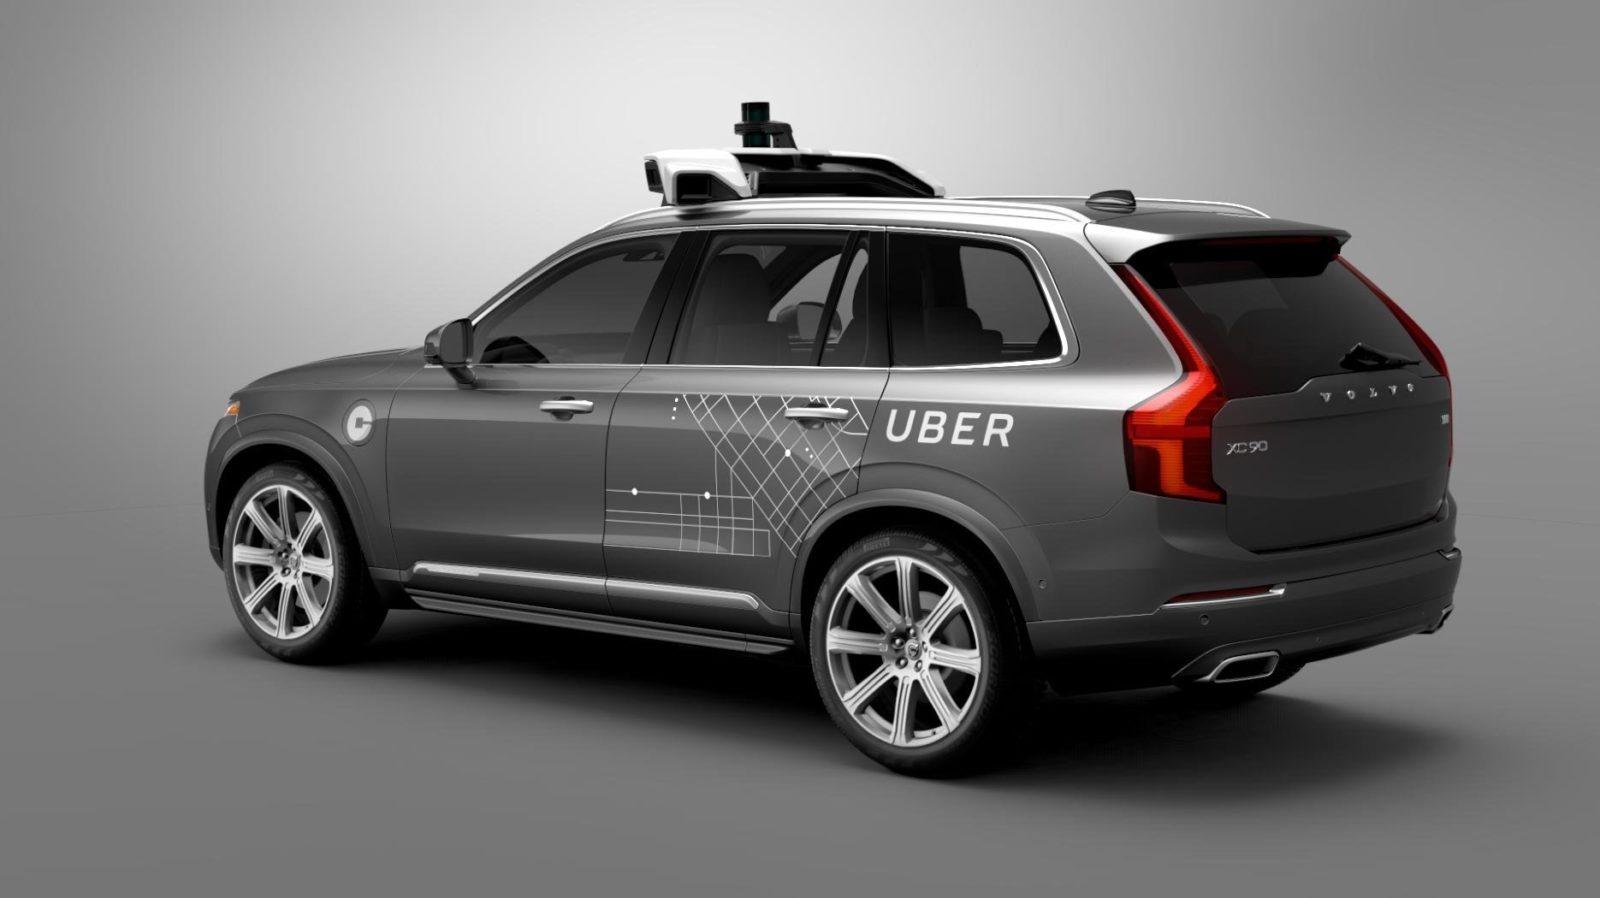 macchina uber per articolo su intelligenza artificiale